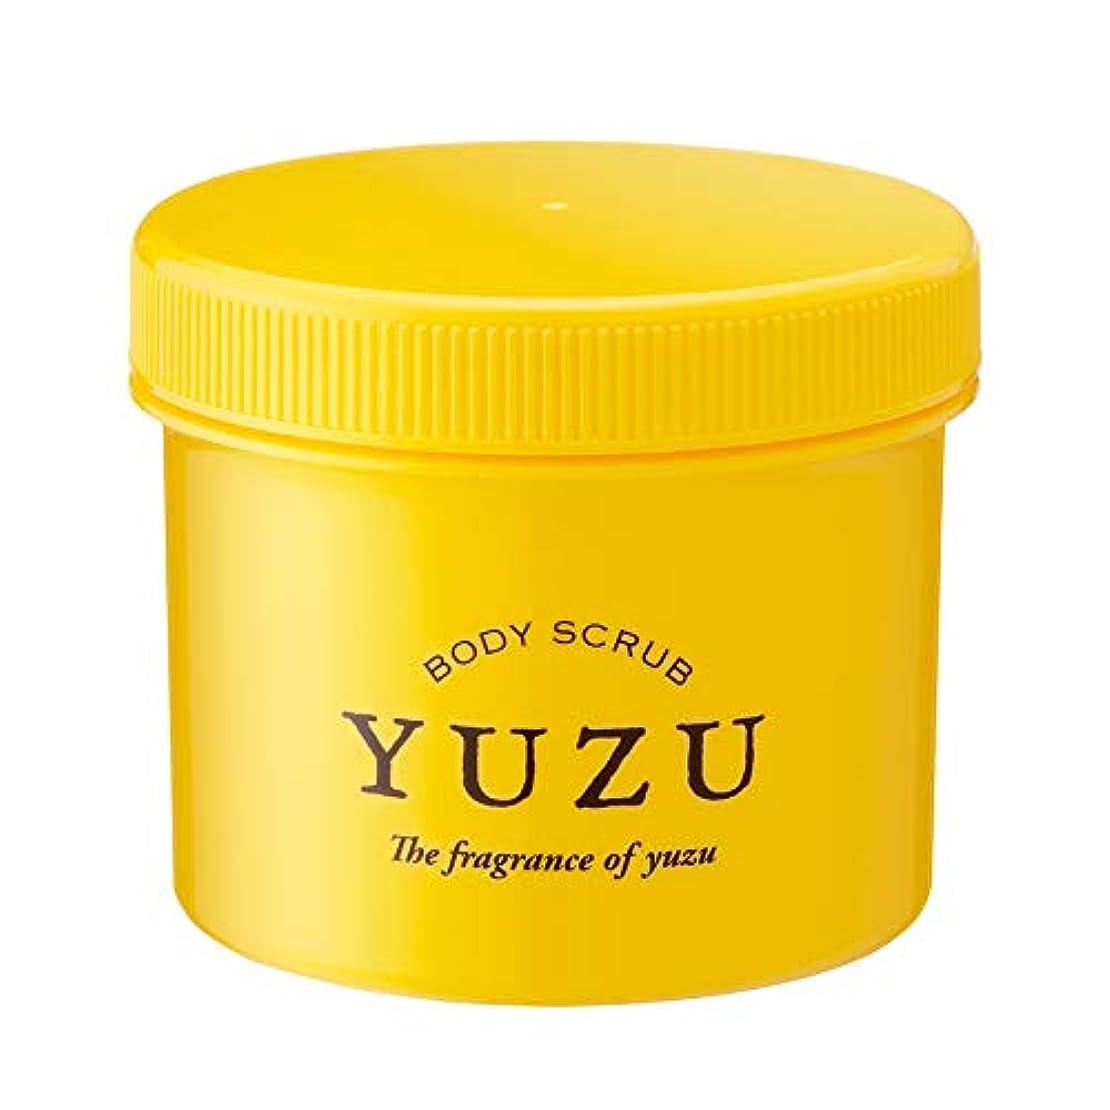 浮く触覚静める(美健)ビケン YUZU ボディマッサージスクラブ 高知県ゆず精油のみで香り付け